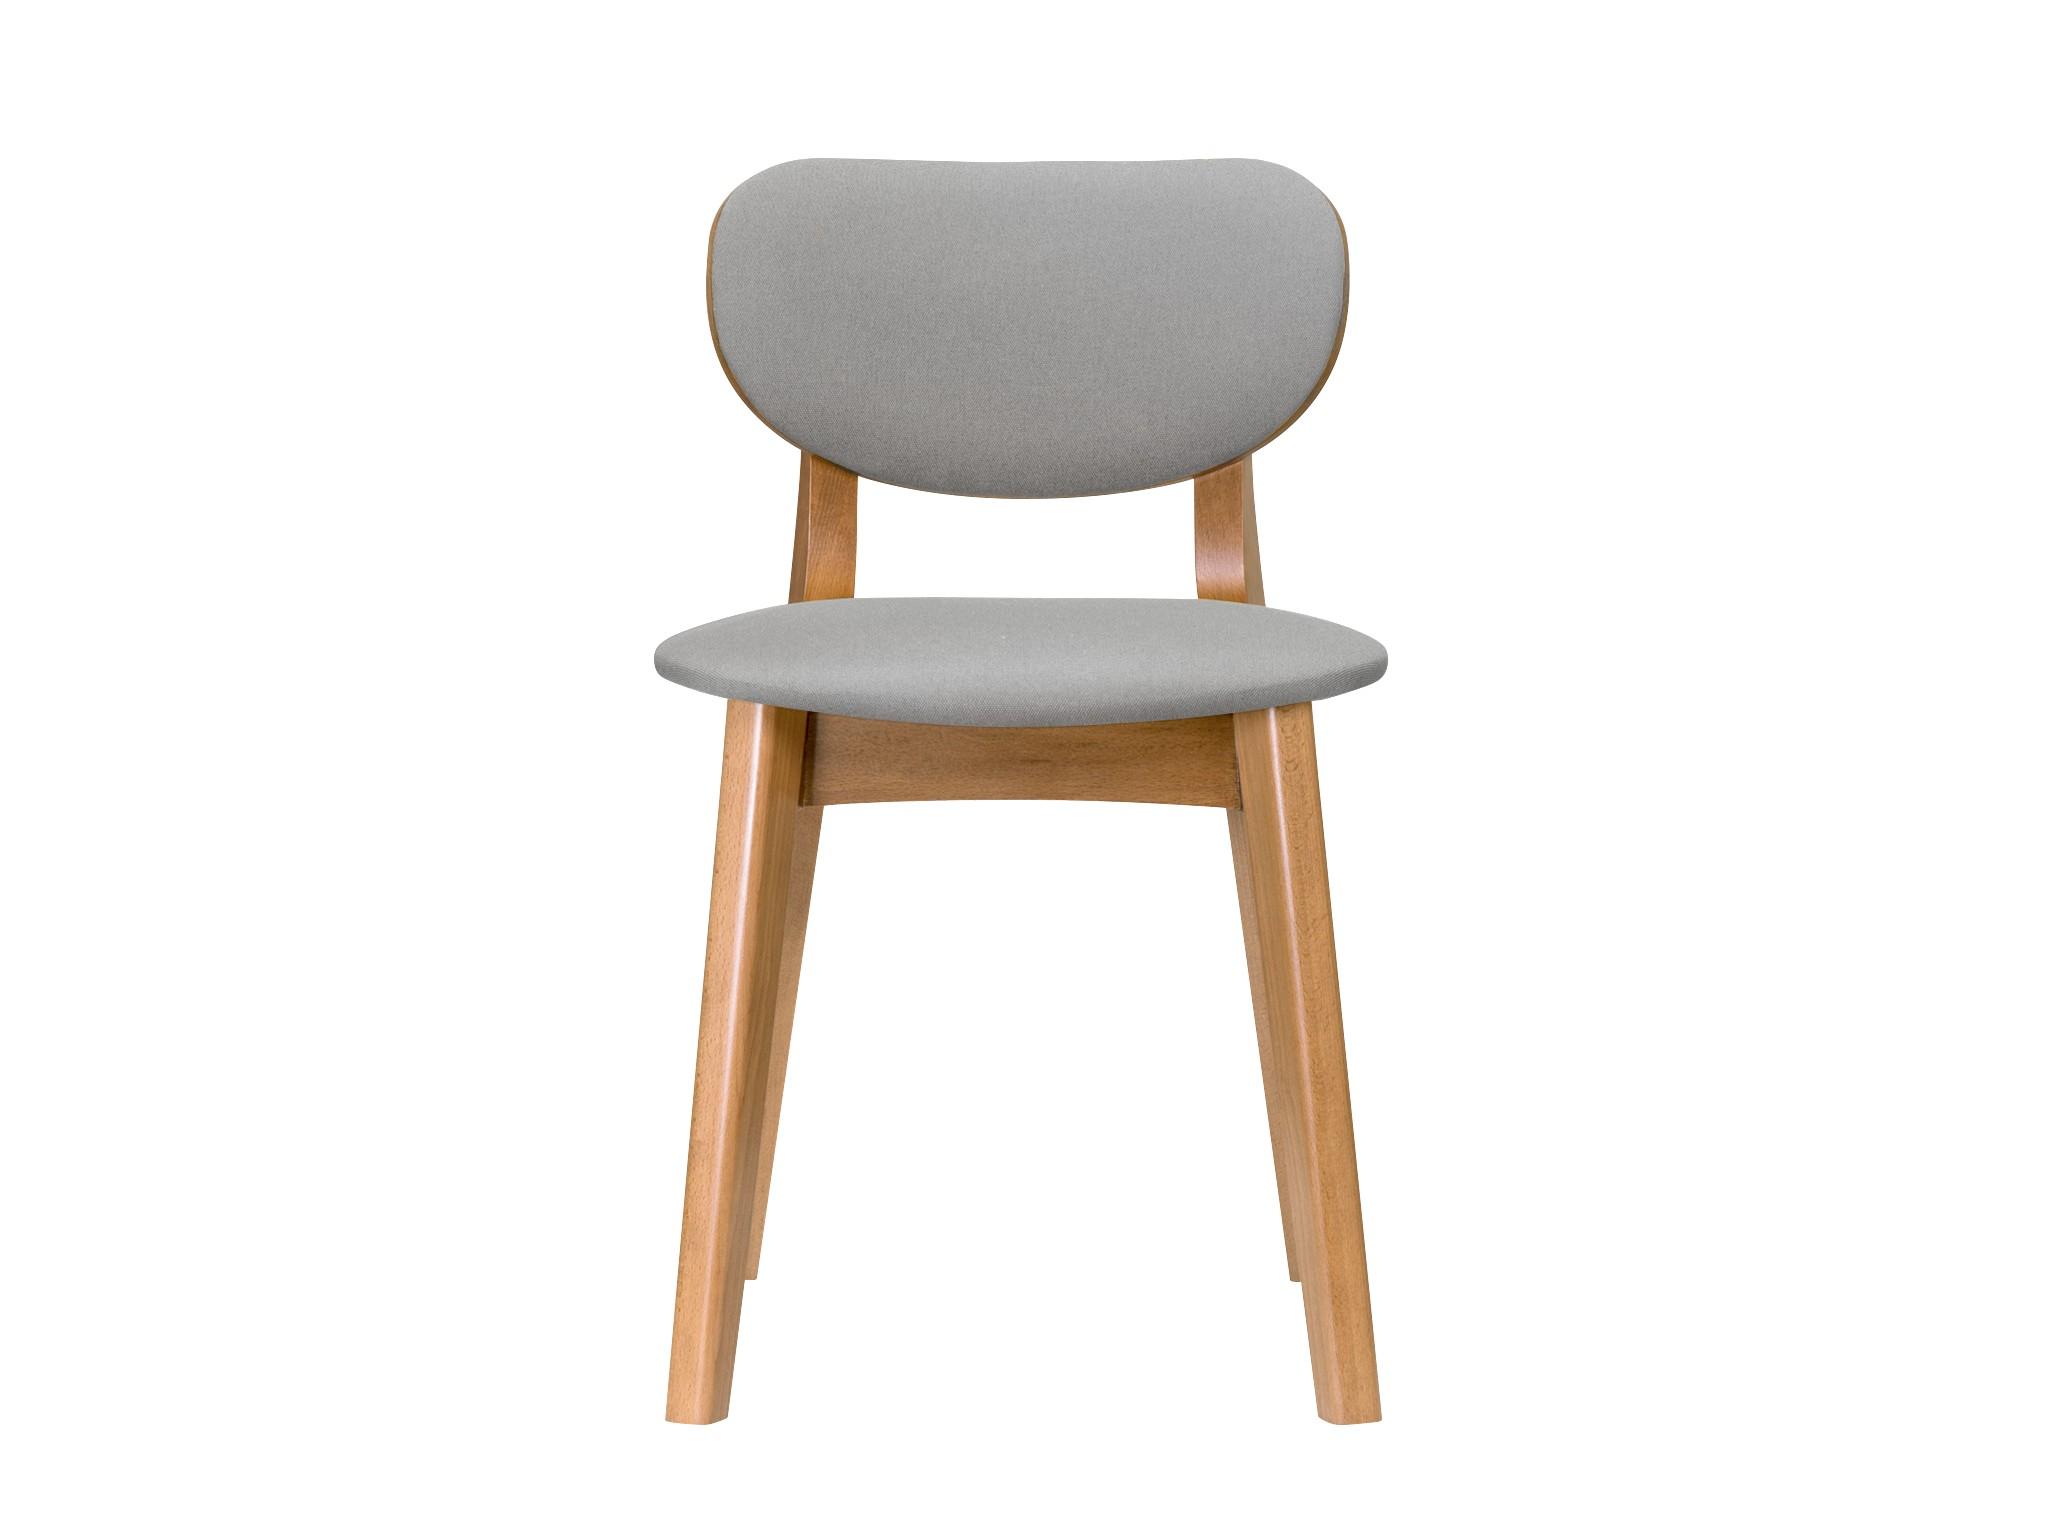 Стул XavierОбеденные стулья<br>&amp;lt;div&amp;gt;Этот стул подкупает своей универсальностью! Он будет идеально смотреться как дополнение к обеденному столу, так и станет акцентом для вашей творческой студии. Само воплощение скандинавской классики.&amp;lt;/div&amp;gt;&amp;lt;div&amp;gt;&amp;lt;br&amp;gt;&amp;lt;/div&amp;gt;&amp;lt;div&amp;gt;Ткань: рогожка (65 000 циклов)&amp;lt;/div&amp;gt;&amp;lt;div&amp;gt;Ножки: орех 2/3&amp;lt;/div&amp;gt;Высота сиденья: 45 см&amp;lt;div&amp;gt;&amp;lt;span style=&amp;quot;font-size: 14px;&amp;quot;&amp;gt;Возможно изготовление в других цветах и обивках. Подробности уточняйте у менеджера.&amp;lt;/span&amp;gt;&amp;lt;br&amp;gt;&amp;lt;div&amp;gt;&amp;lt;br&amp;gt;&amp;lt;/div&amp;gt;&amp;lt;/div&amp;gt;<br><br>Material: Текстиль<br>Ширина см: 45<br>Высота см: 79<br>Глубина см: 45